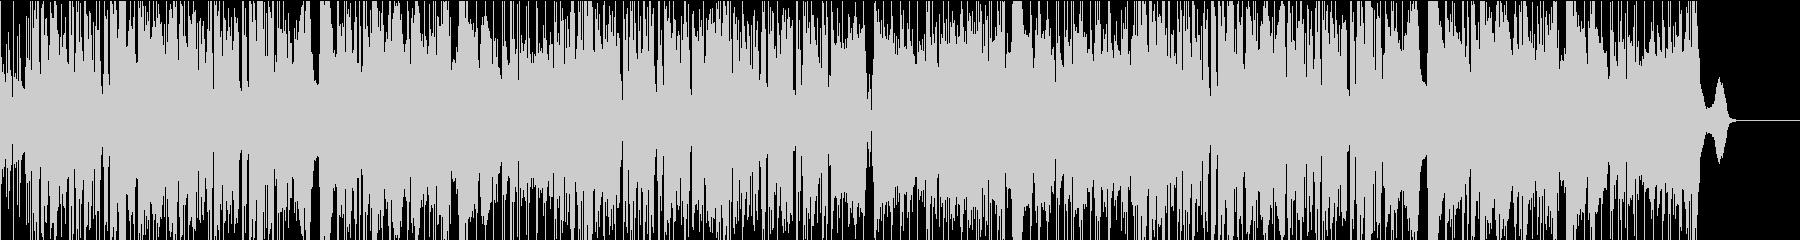 サックスの軽快なジャズ、ファンク の未再生の波形